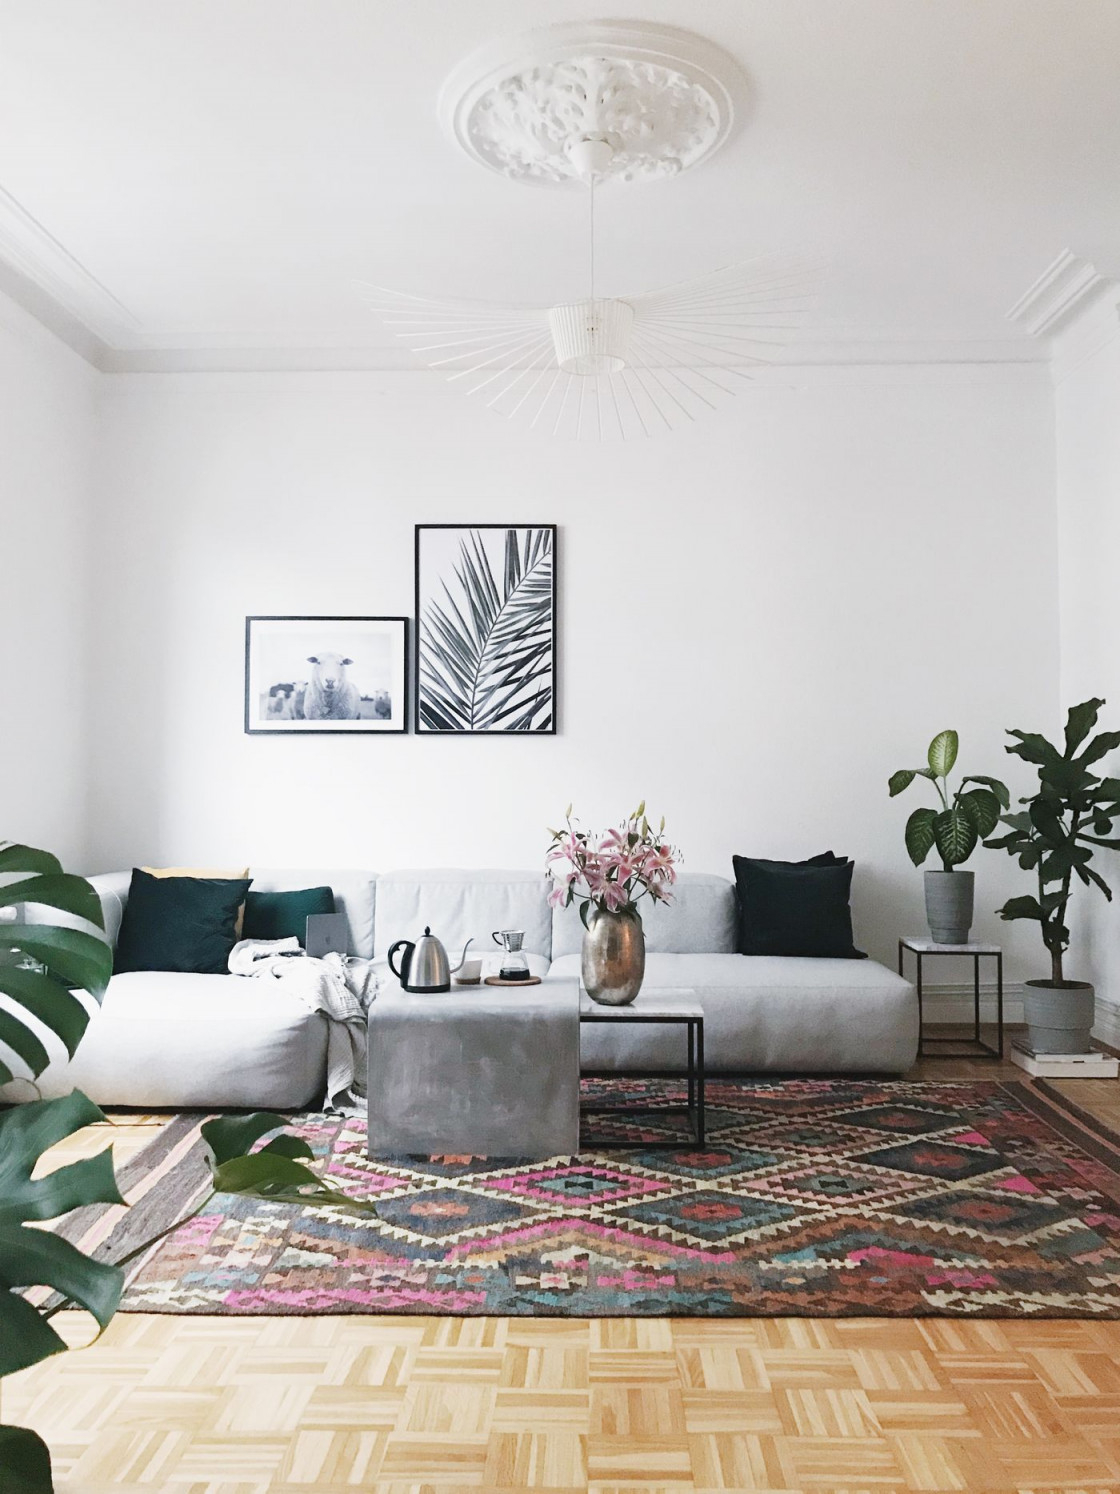 Die Schönsten Wohnzimmer Deko Ideen von Deko Ecke Wohnzimmer Bild